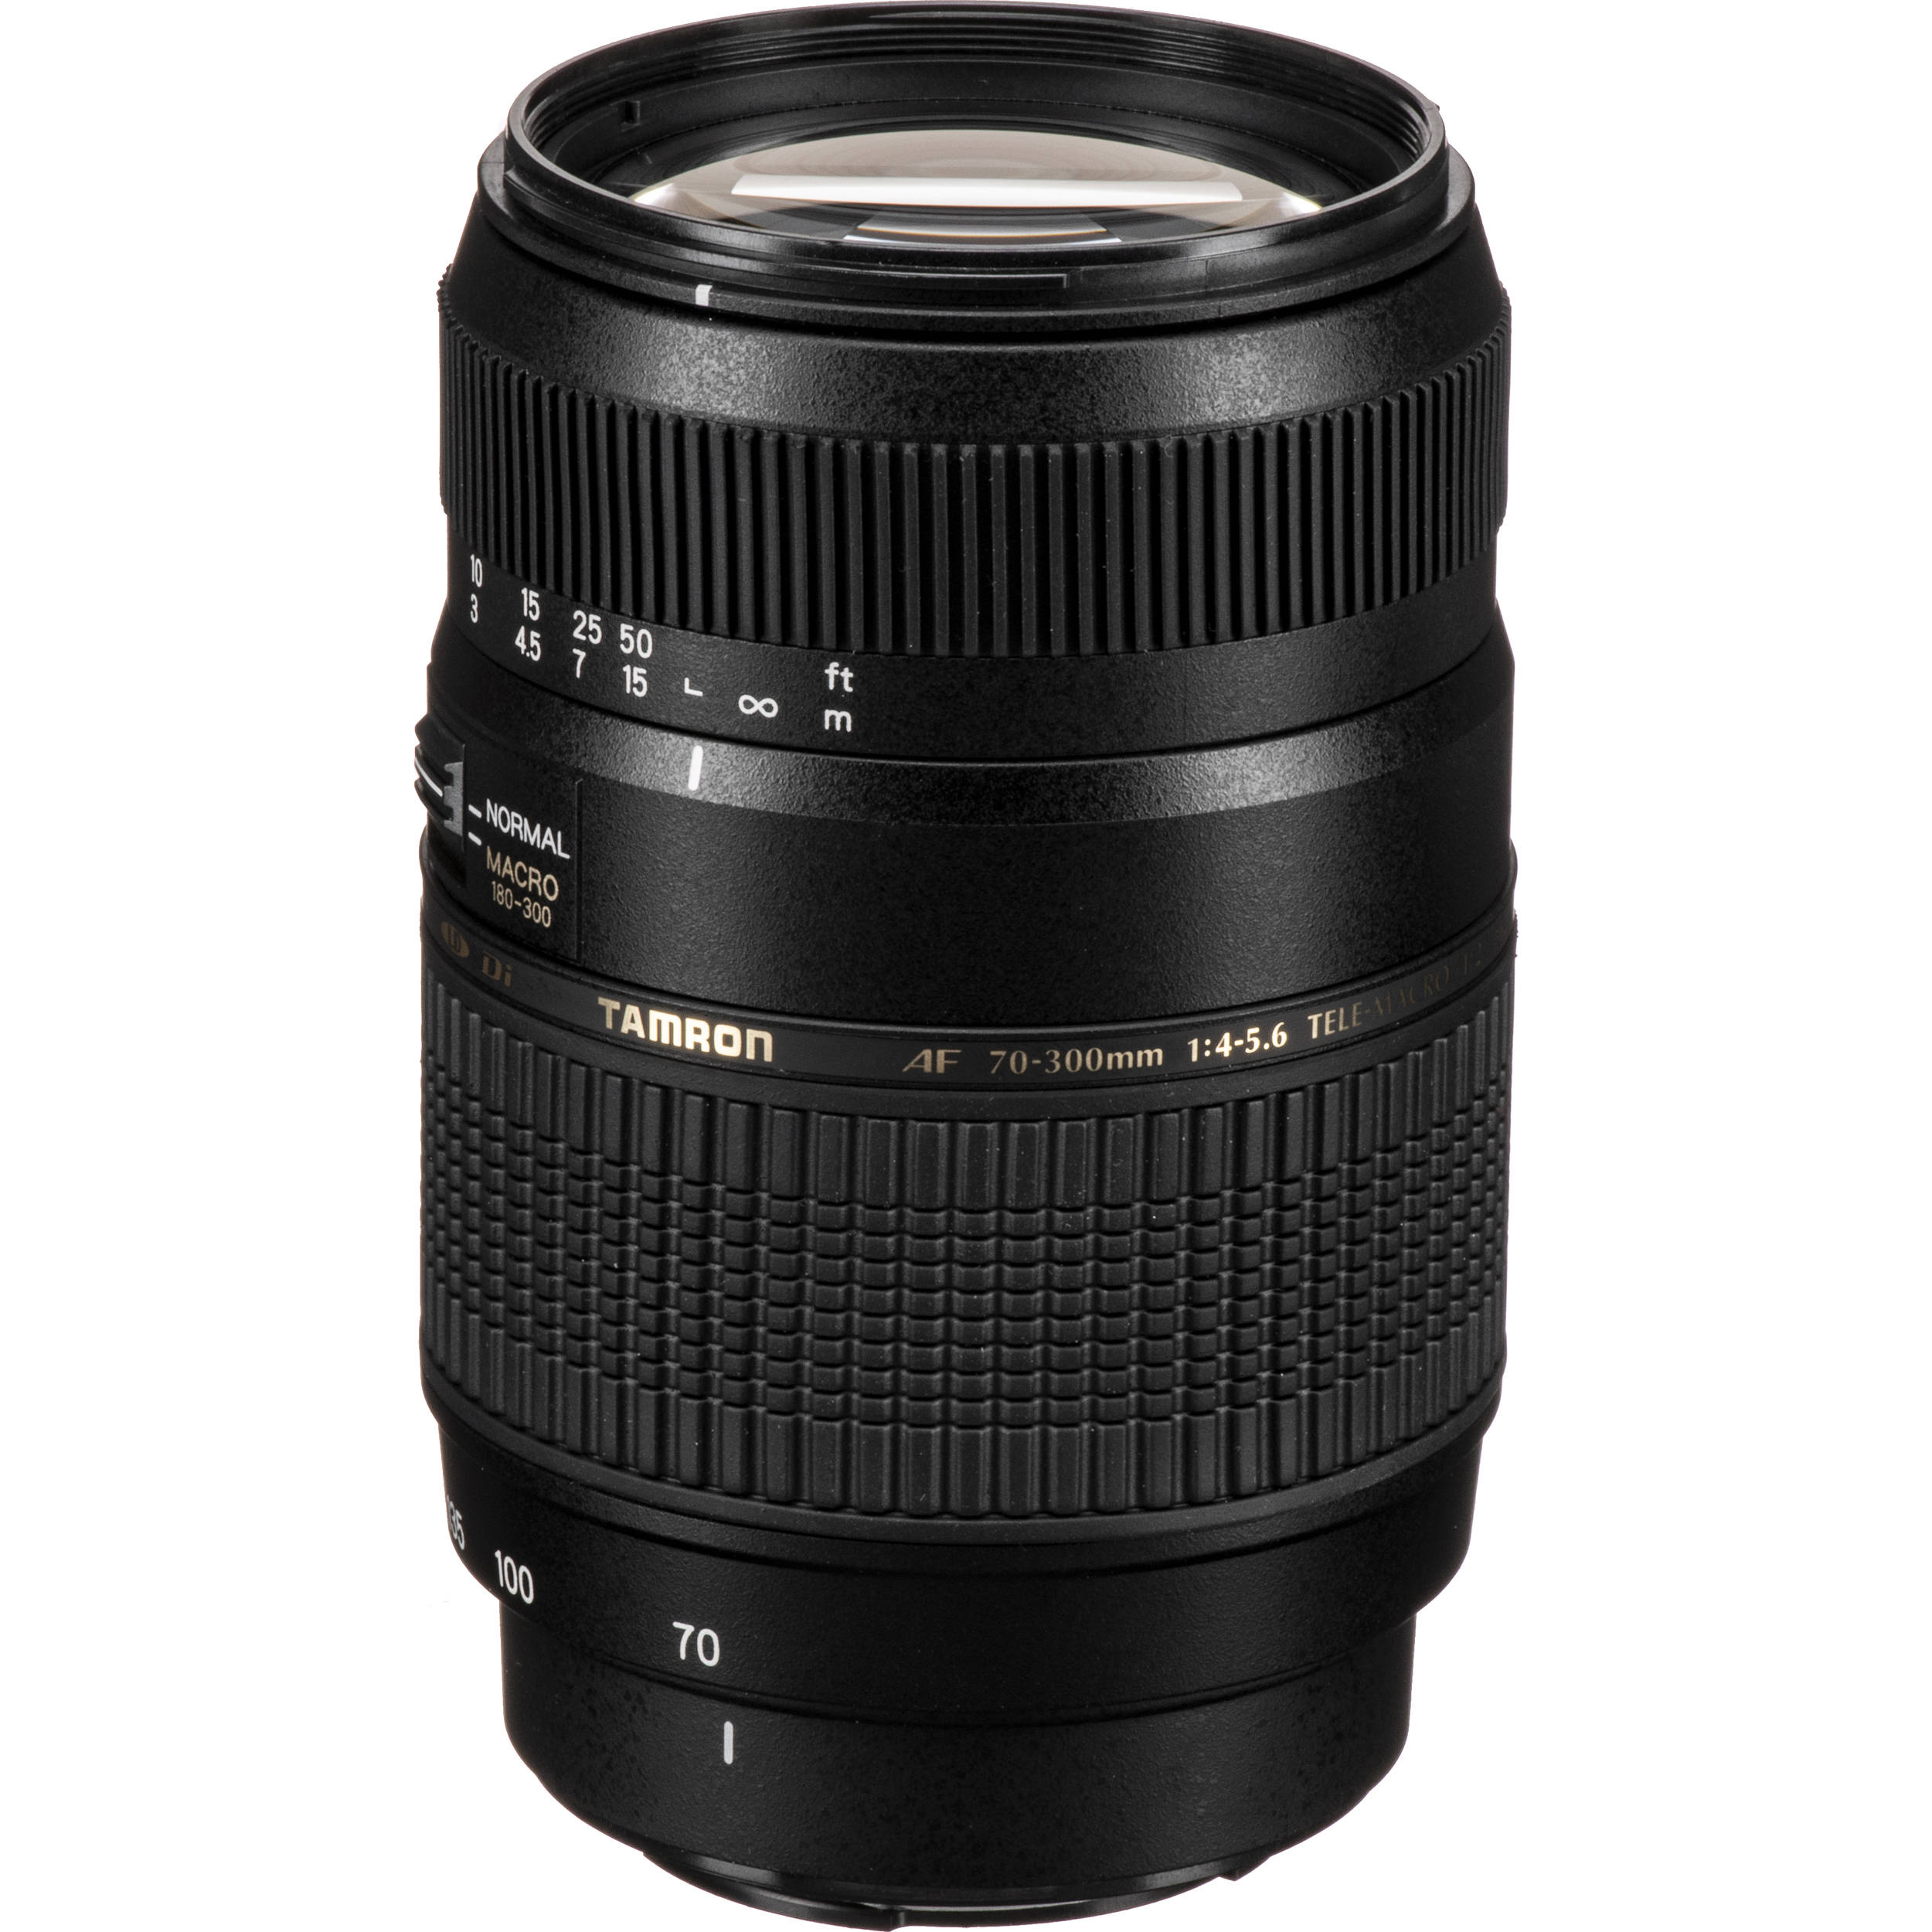 tamron 70 300mm f 4 5 6 di ld macro lens af017m 700 b h photo